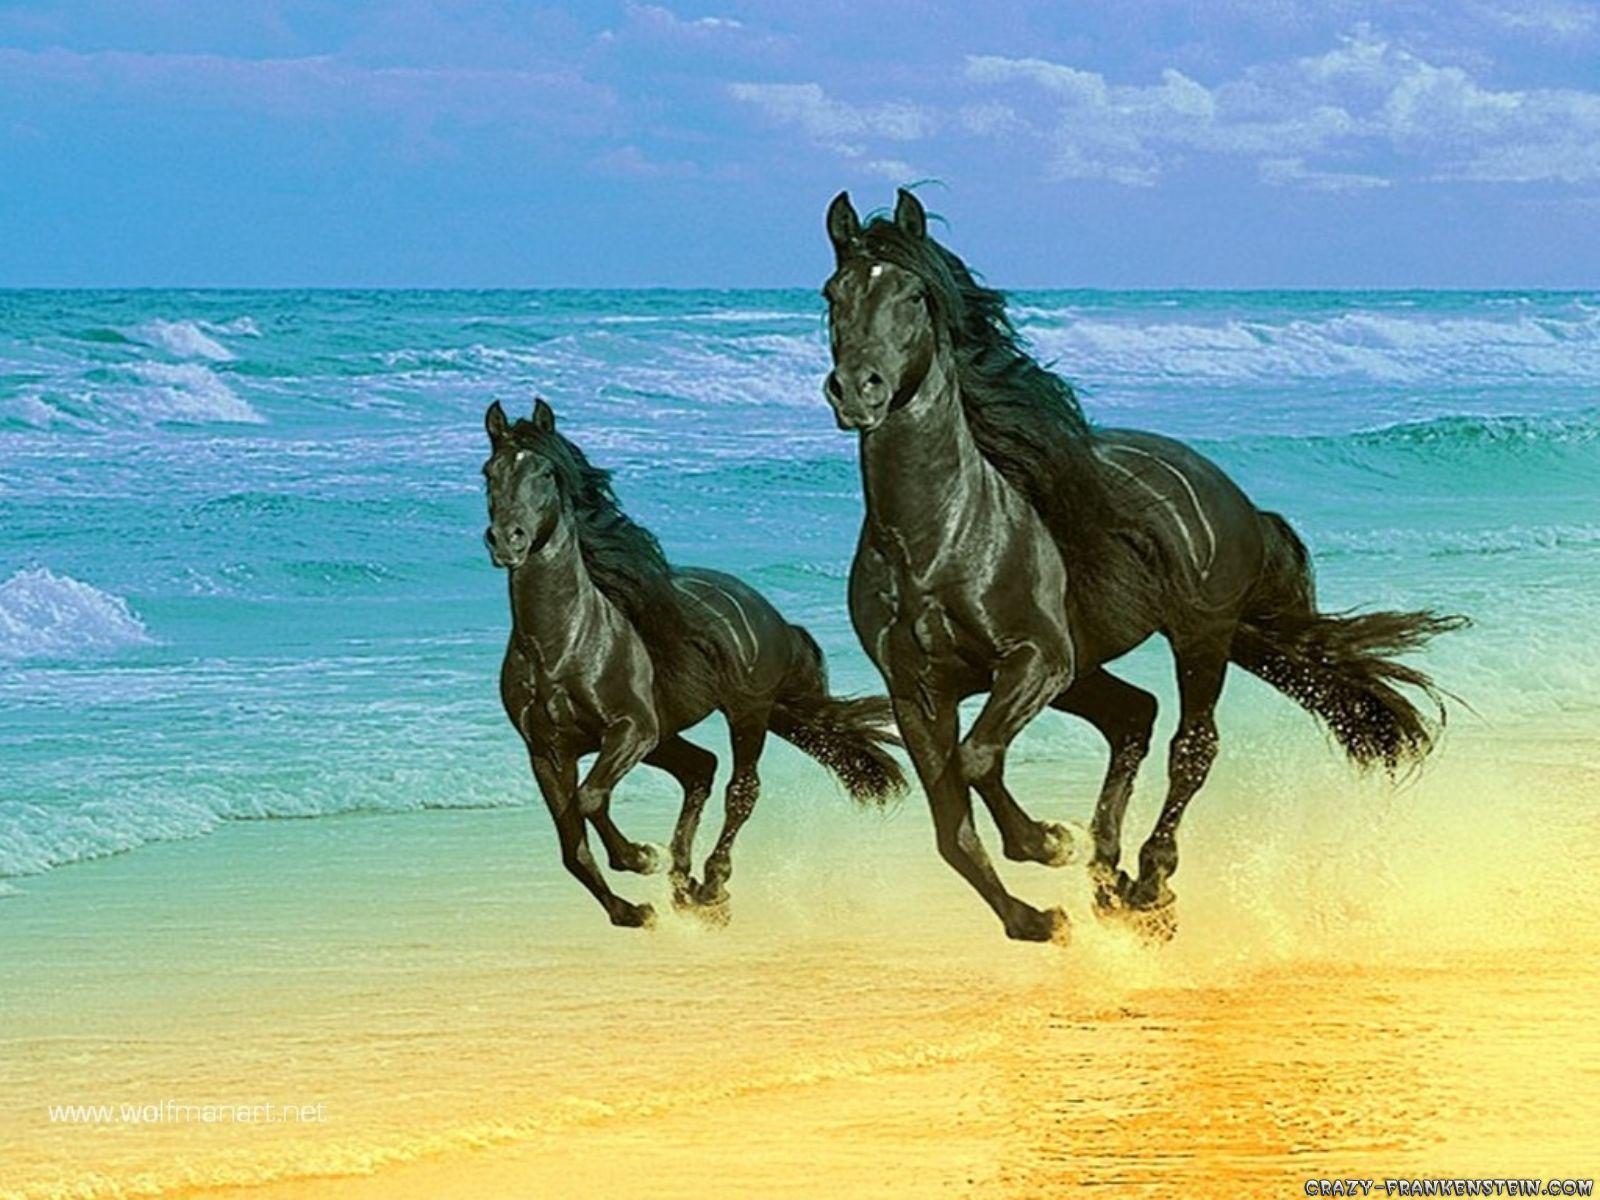 Simple Wallpaper Horse Beach - 2ad04a2a756b1263471112670ea7208c  Image_64145.jpg